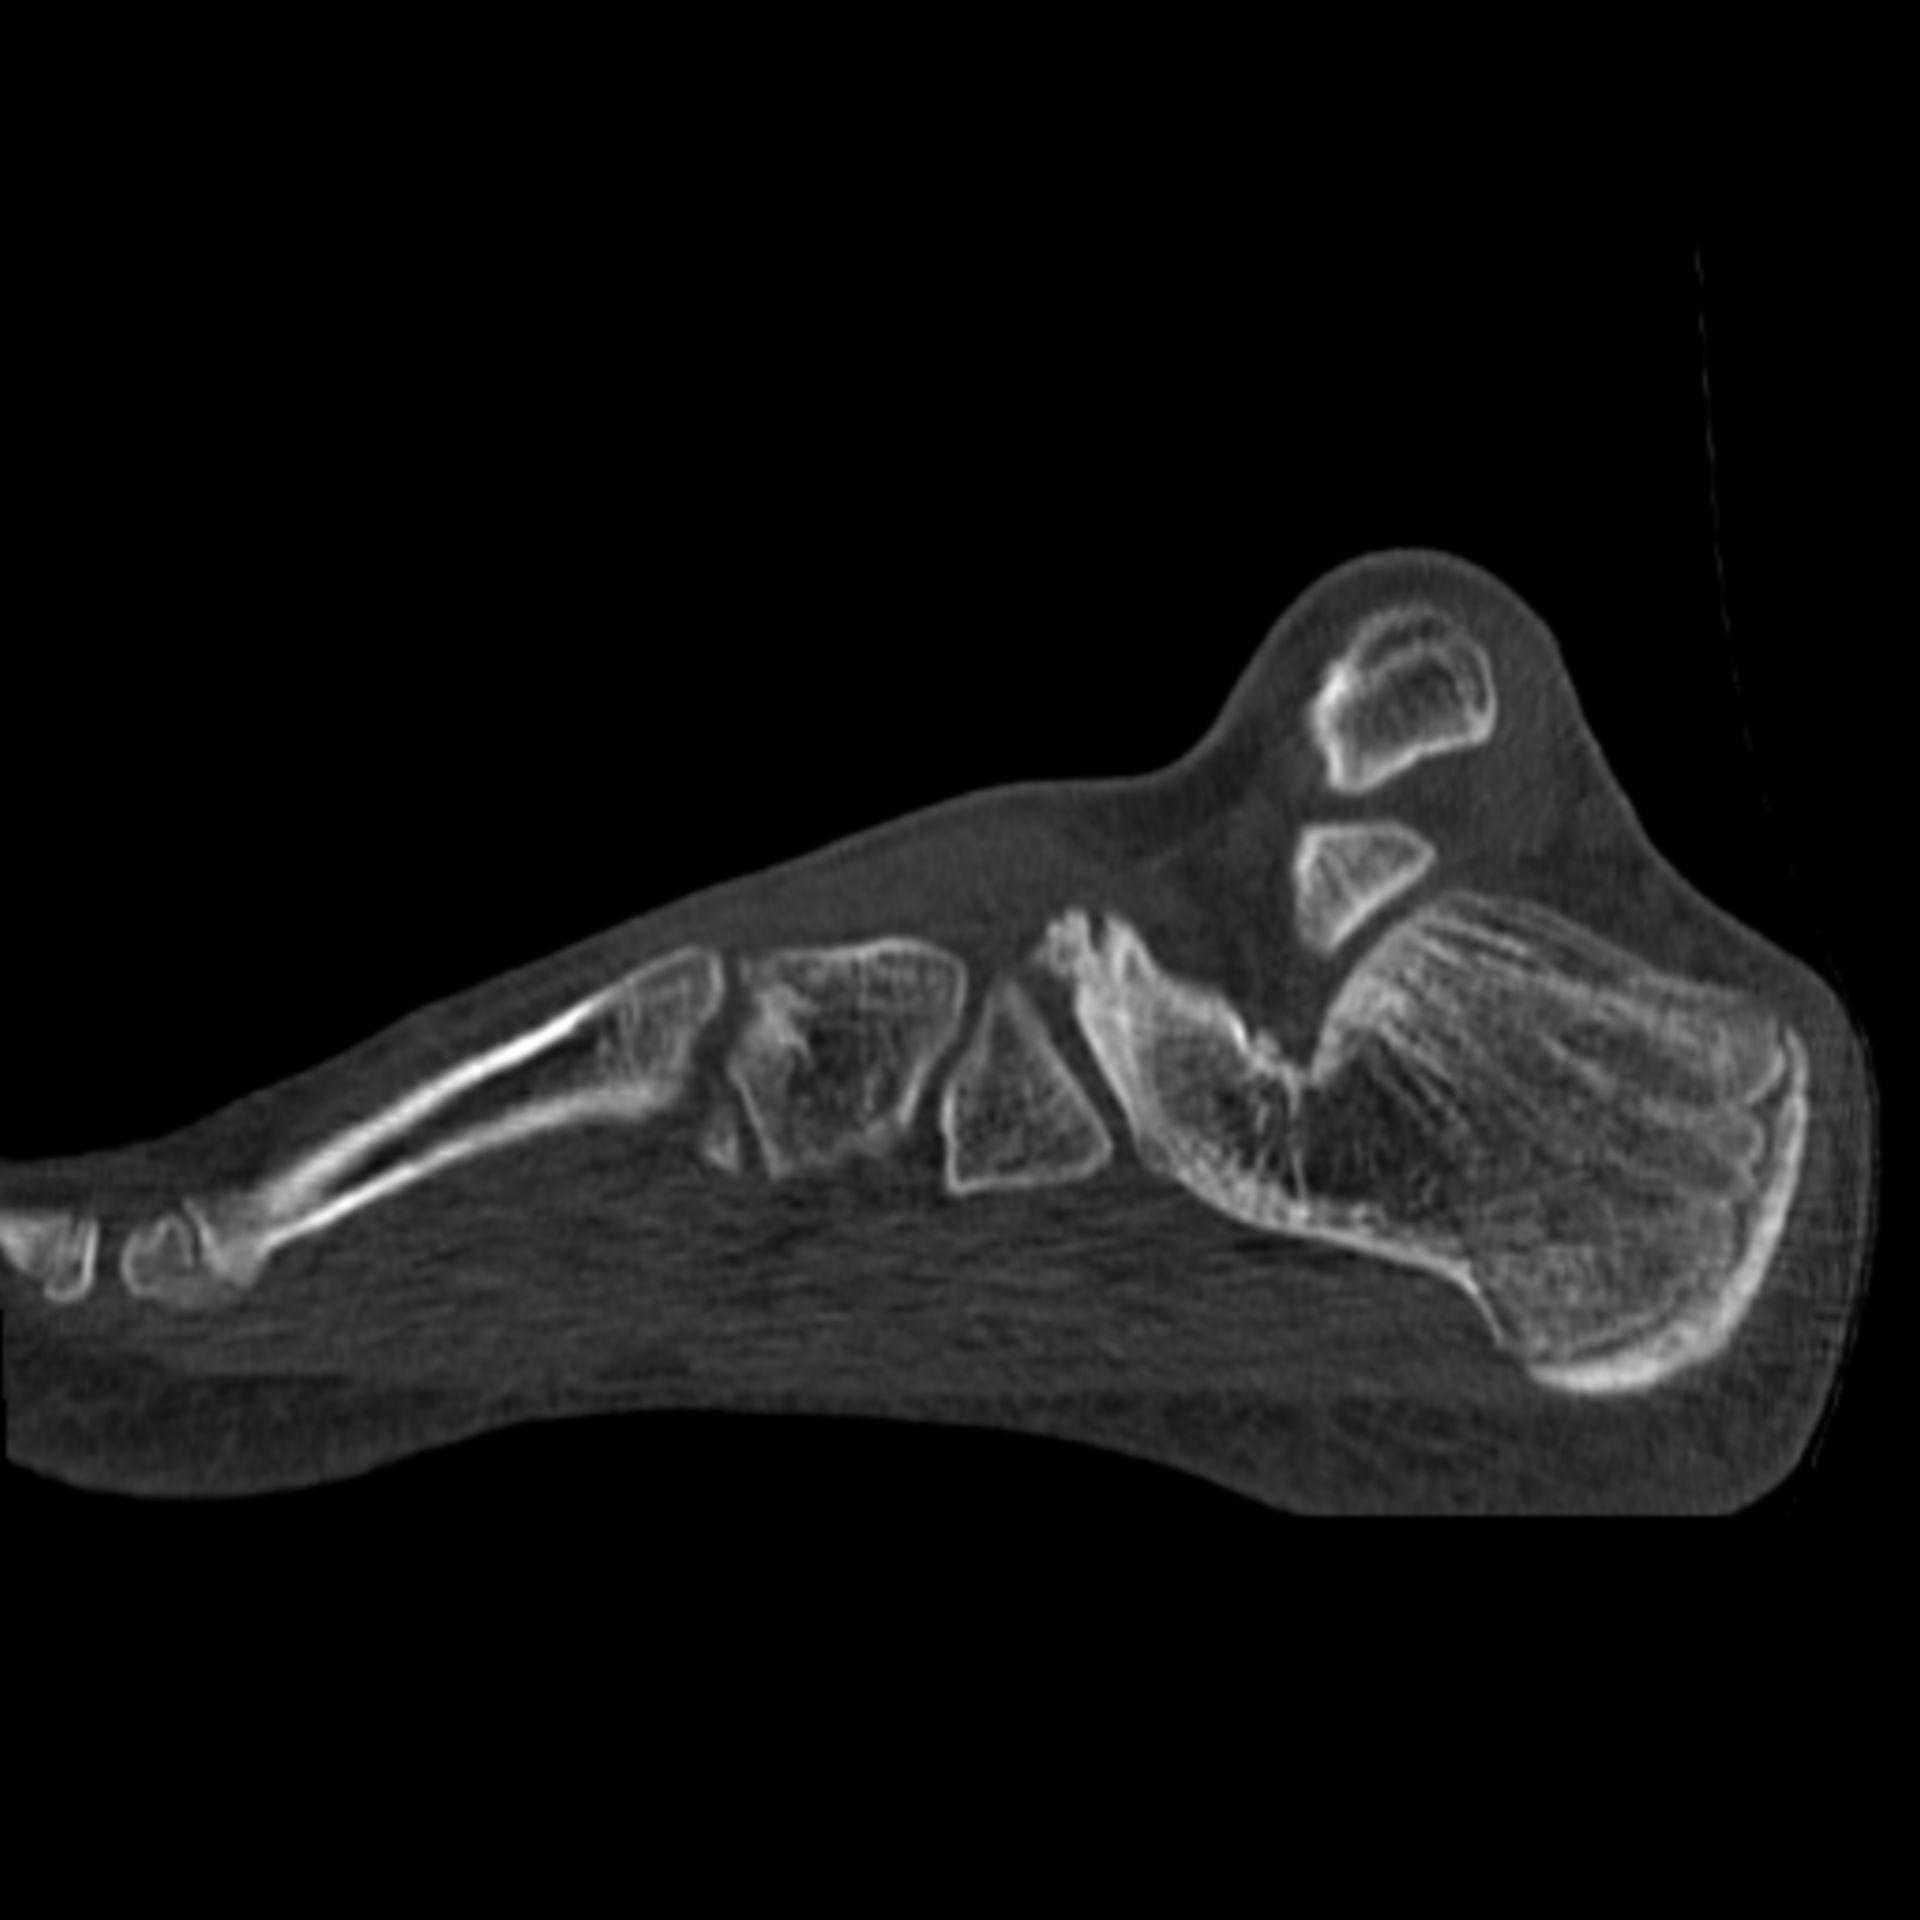 CT_sag2: CT des Fußes in sagittaler Ebene